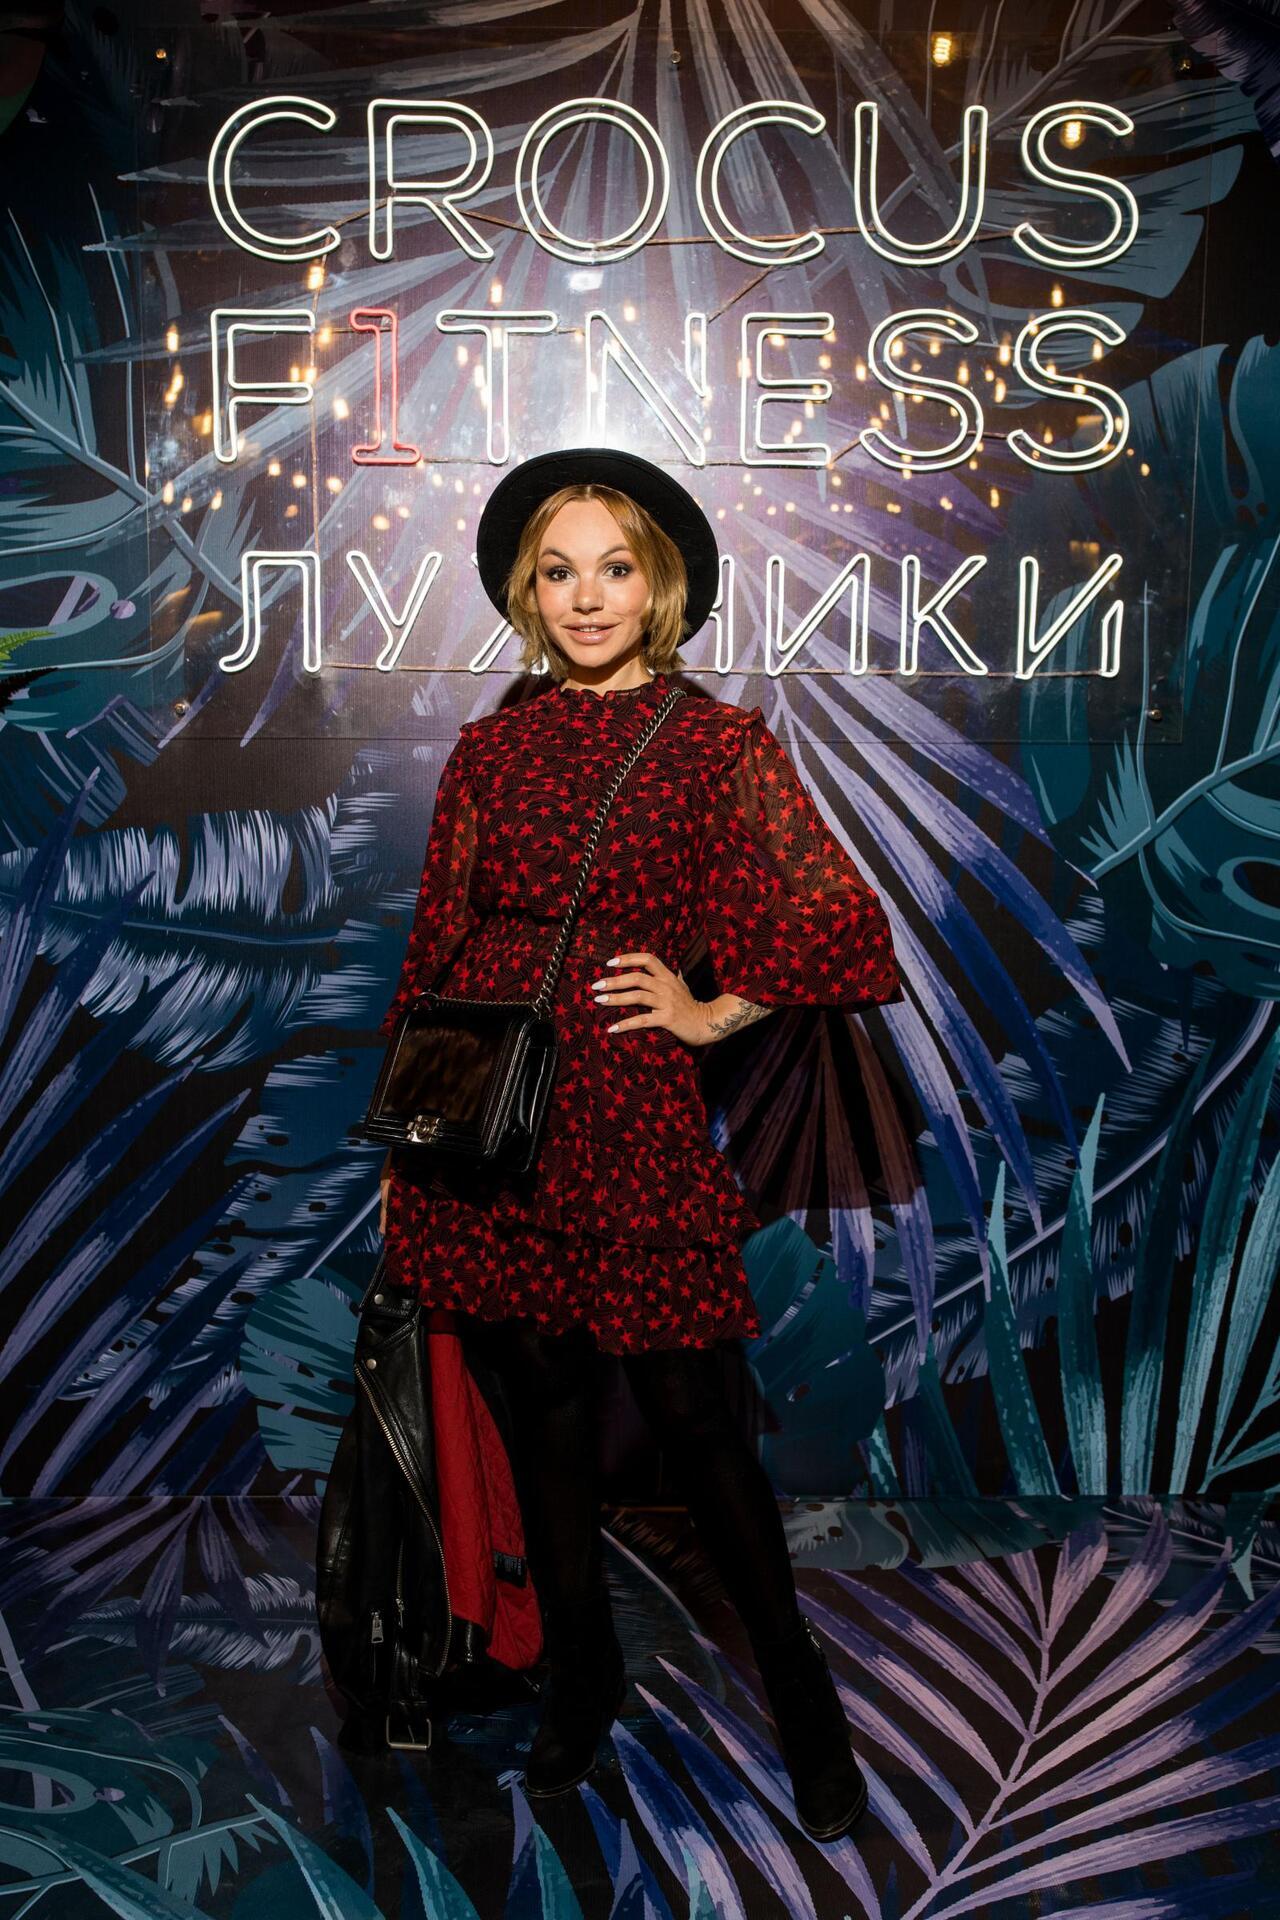 Григорий Лепс, цветущая Агата Муцениеце и другие звезды посетили открытие нового клуба Эмина Агаларова